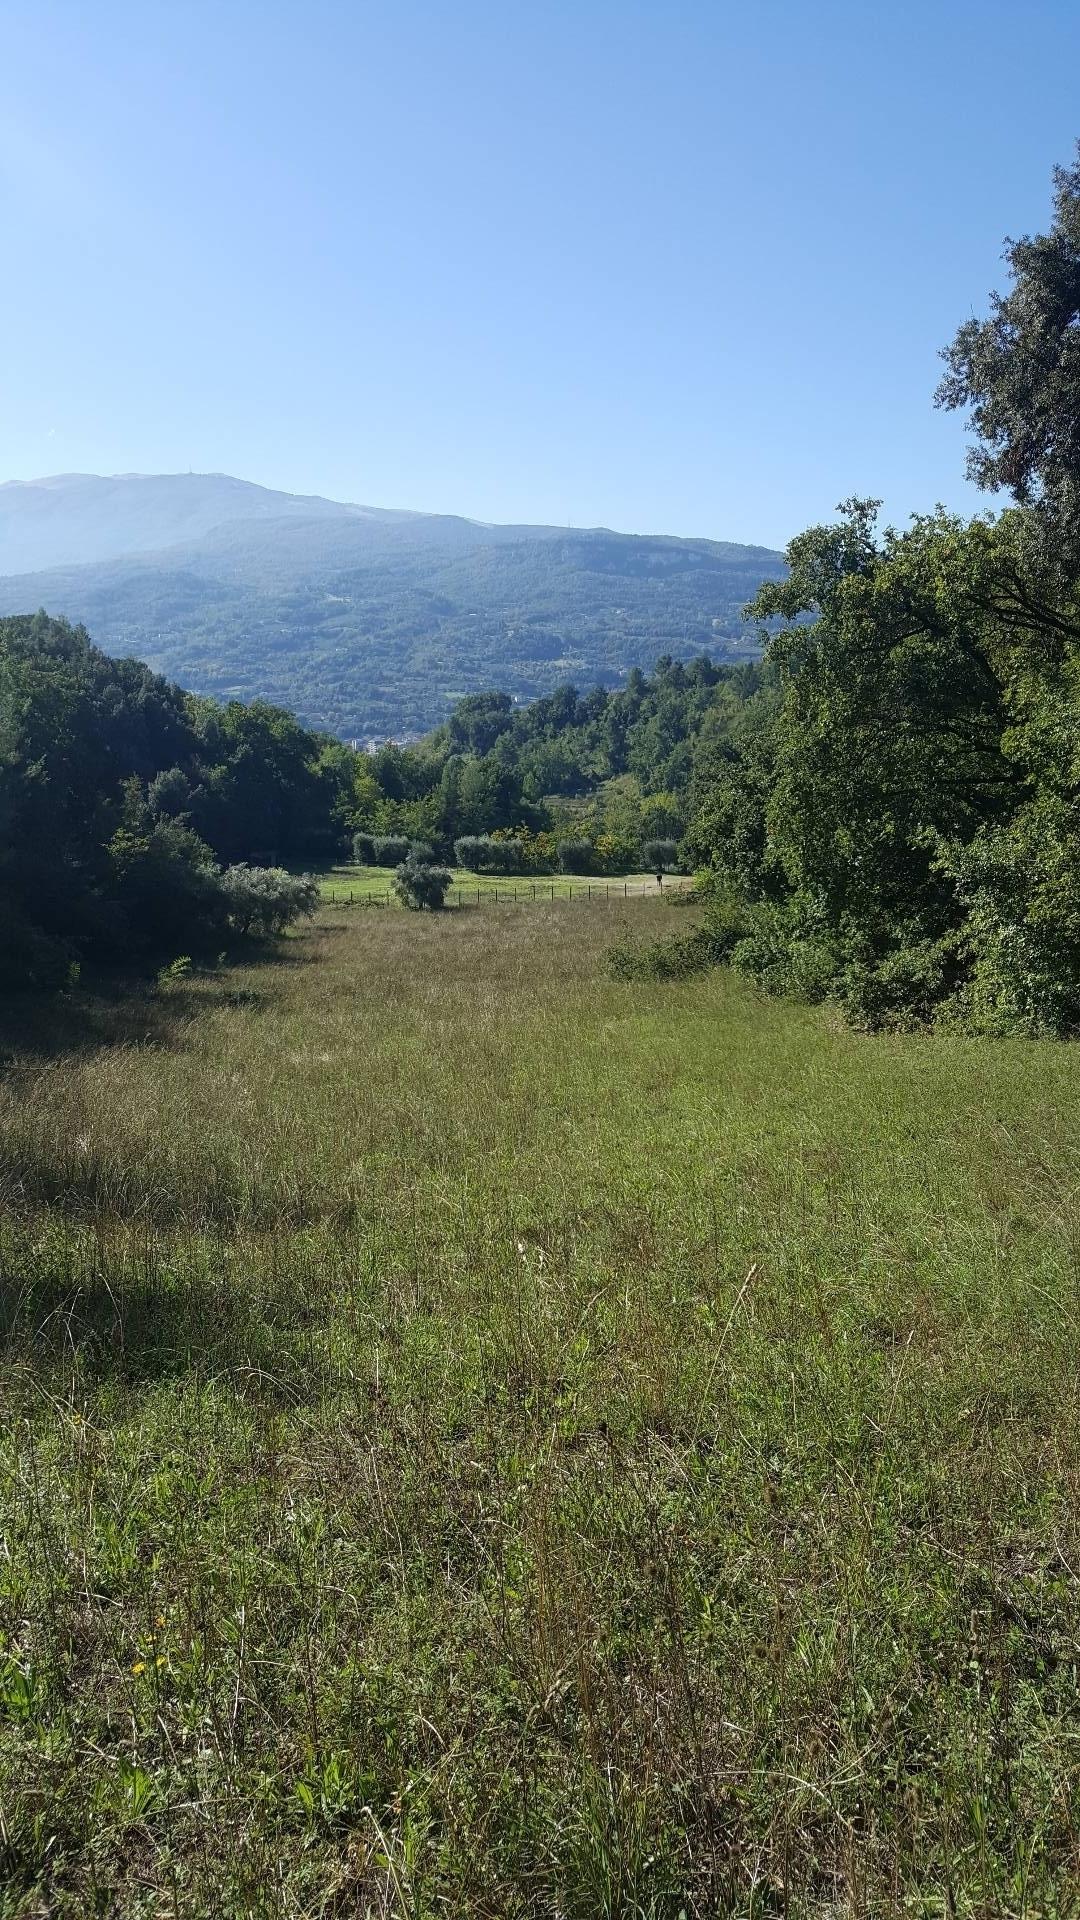 Terreno Agricolo in vendita a Ascoli Piceno, 9999 locali, zona Località: ValleSenzana, prezzo € 80.000 | CambioCasa.it